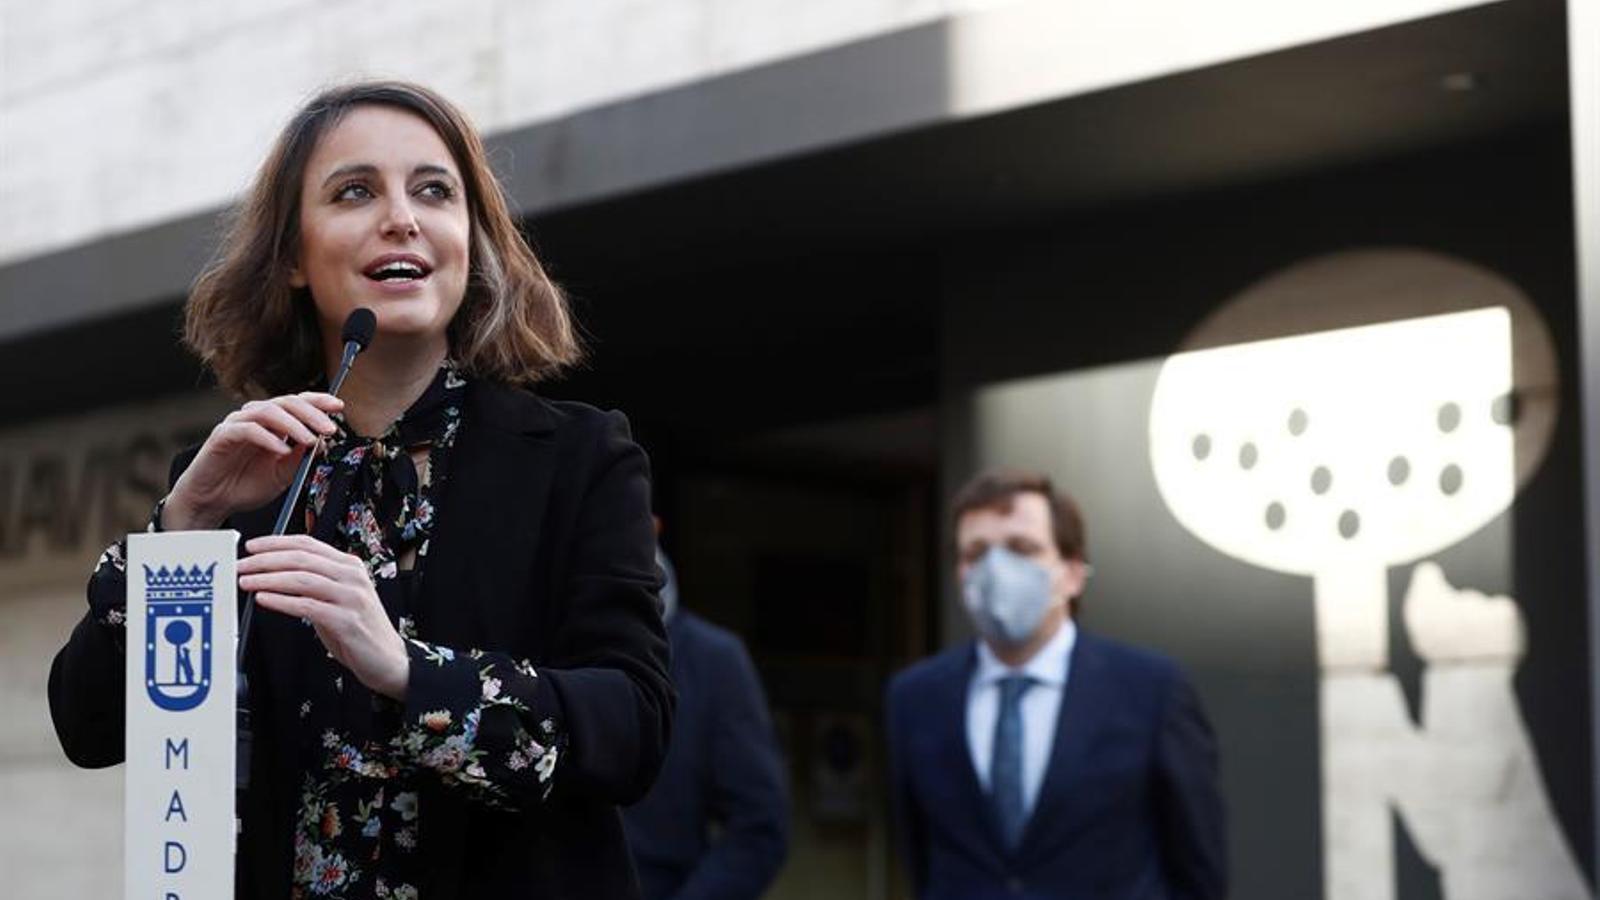 La regidora del PP a l'ajuntament de Madrid Andrea Levy, en una imatge d'arxiu